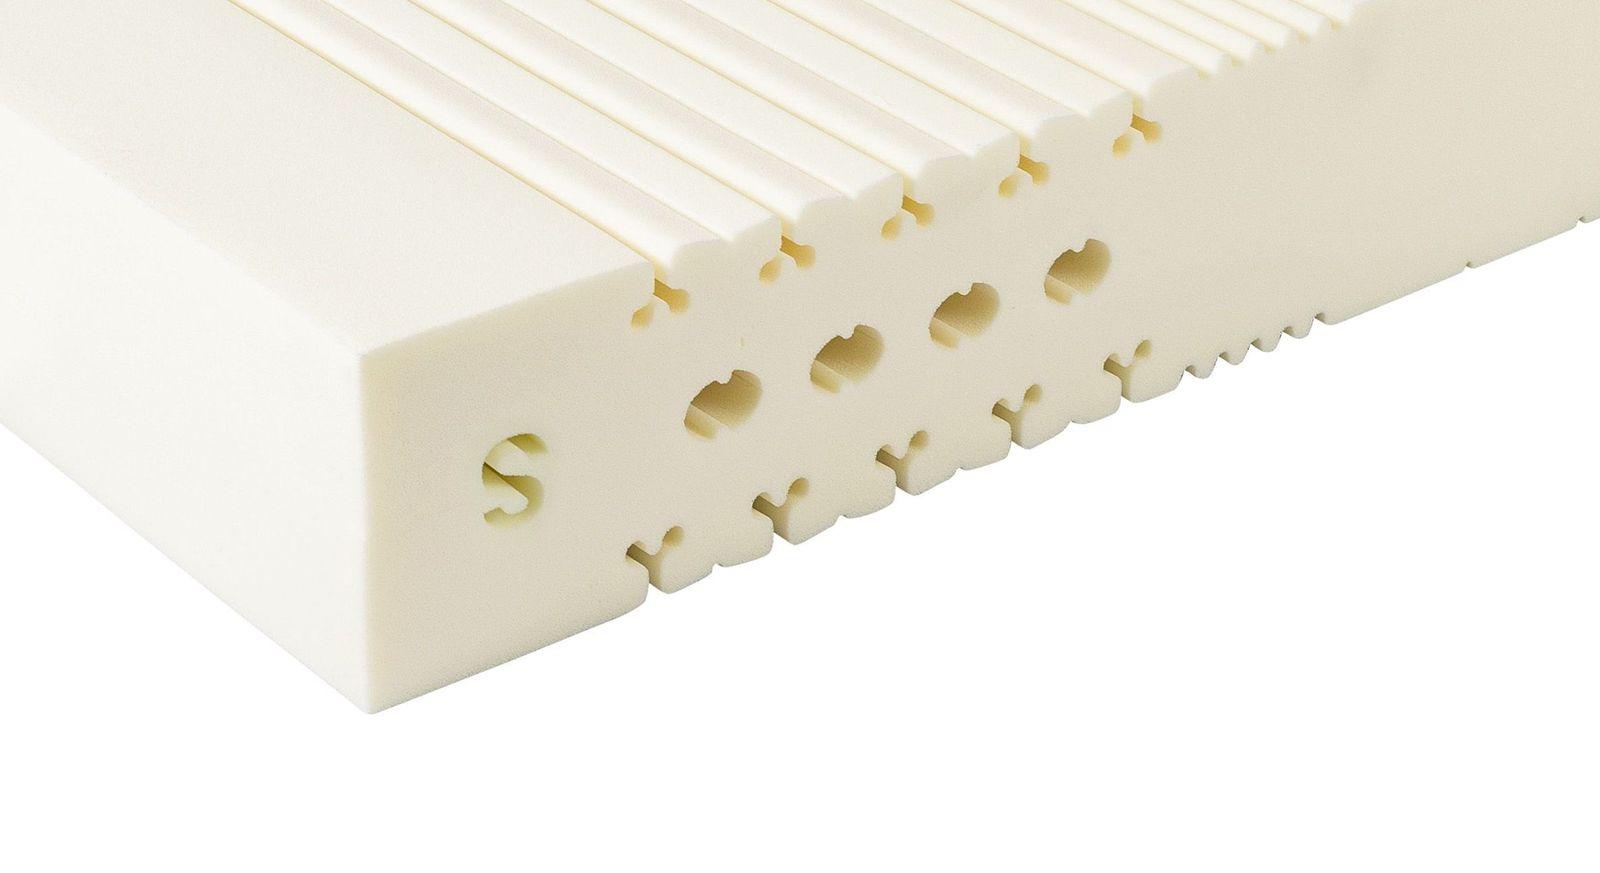 Kaltschaum-Matratze orthowell premium mit durchgängigen Einschnitten